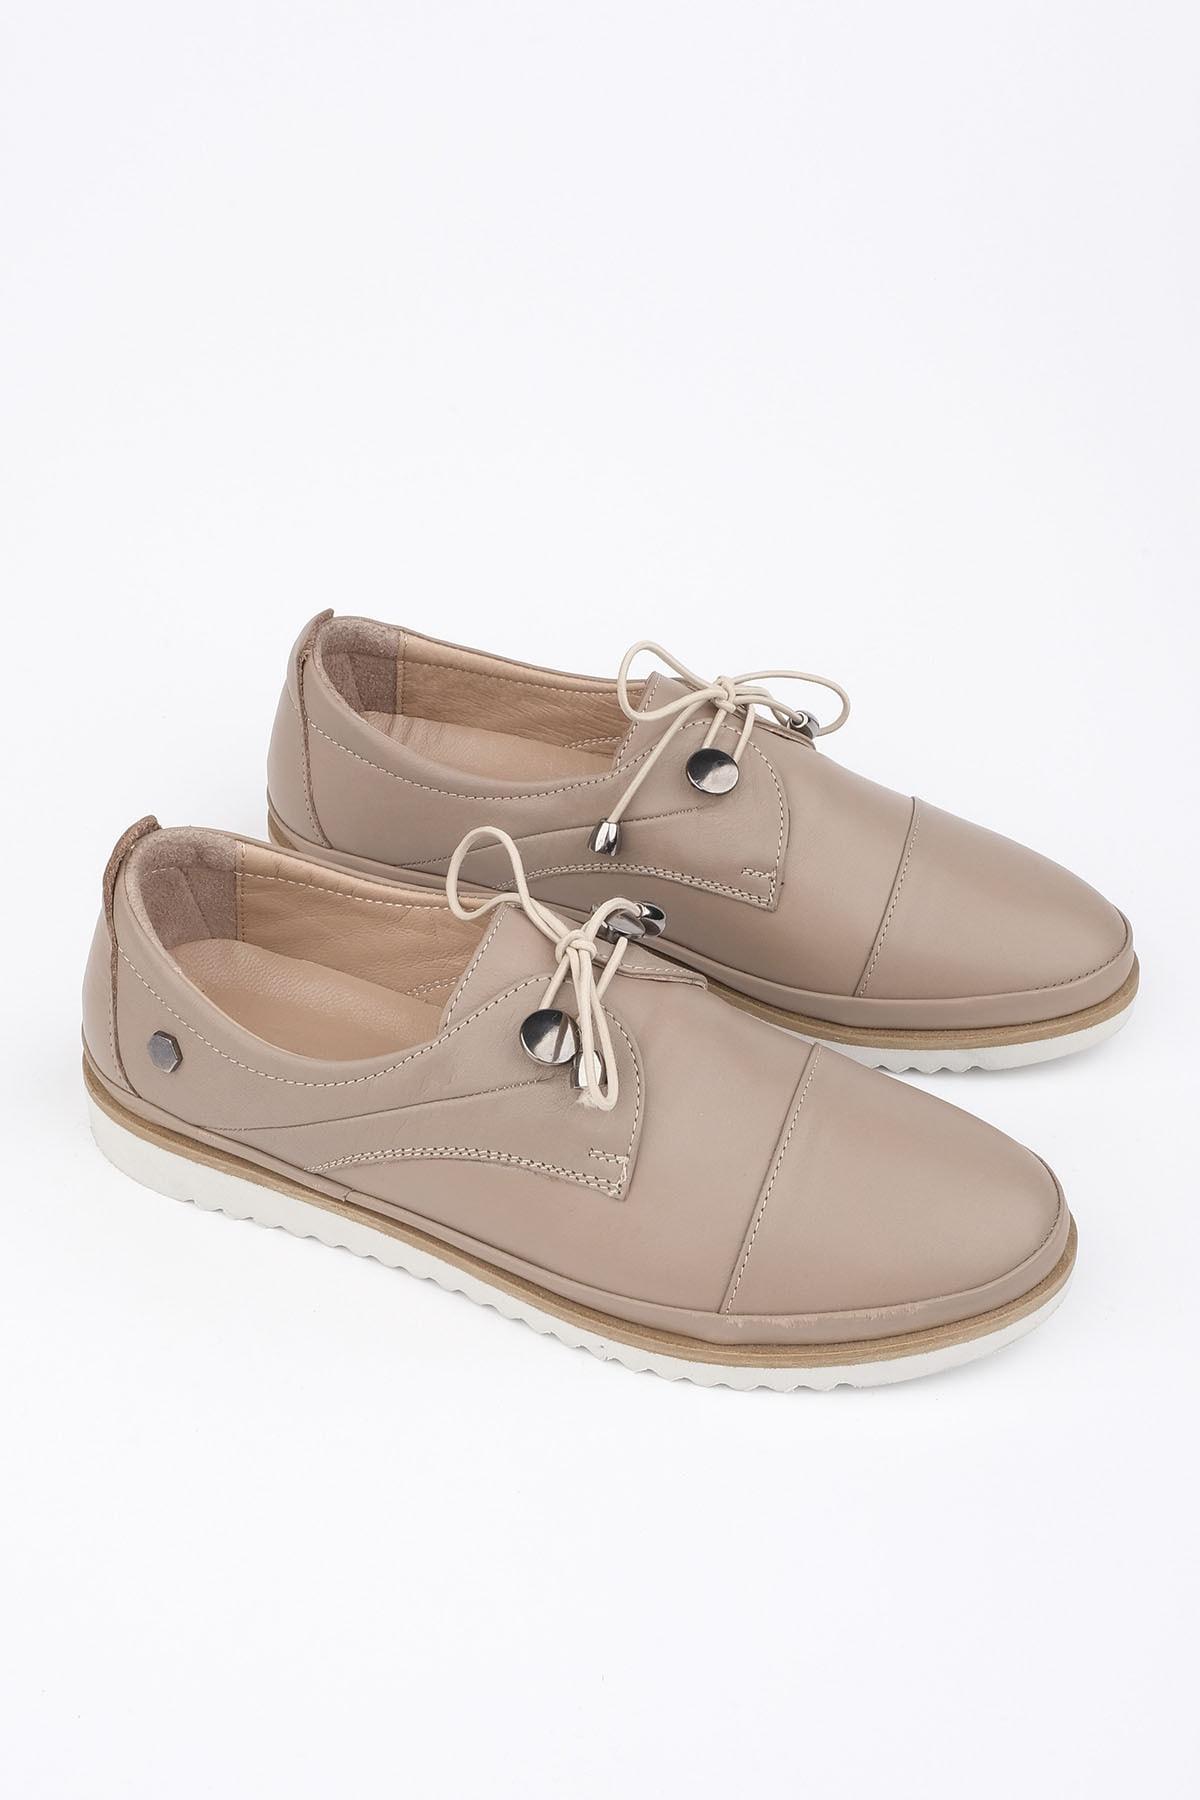 Marjin Demas Kadın Hakiki Deri Comfort AyakkabıVizon 1